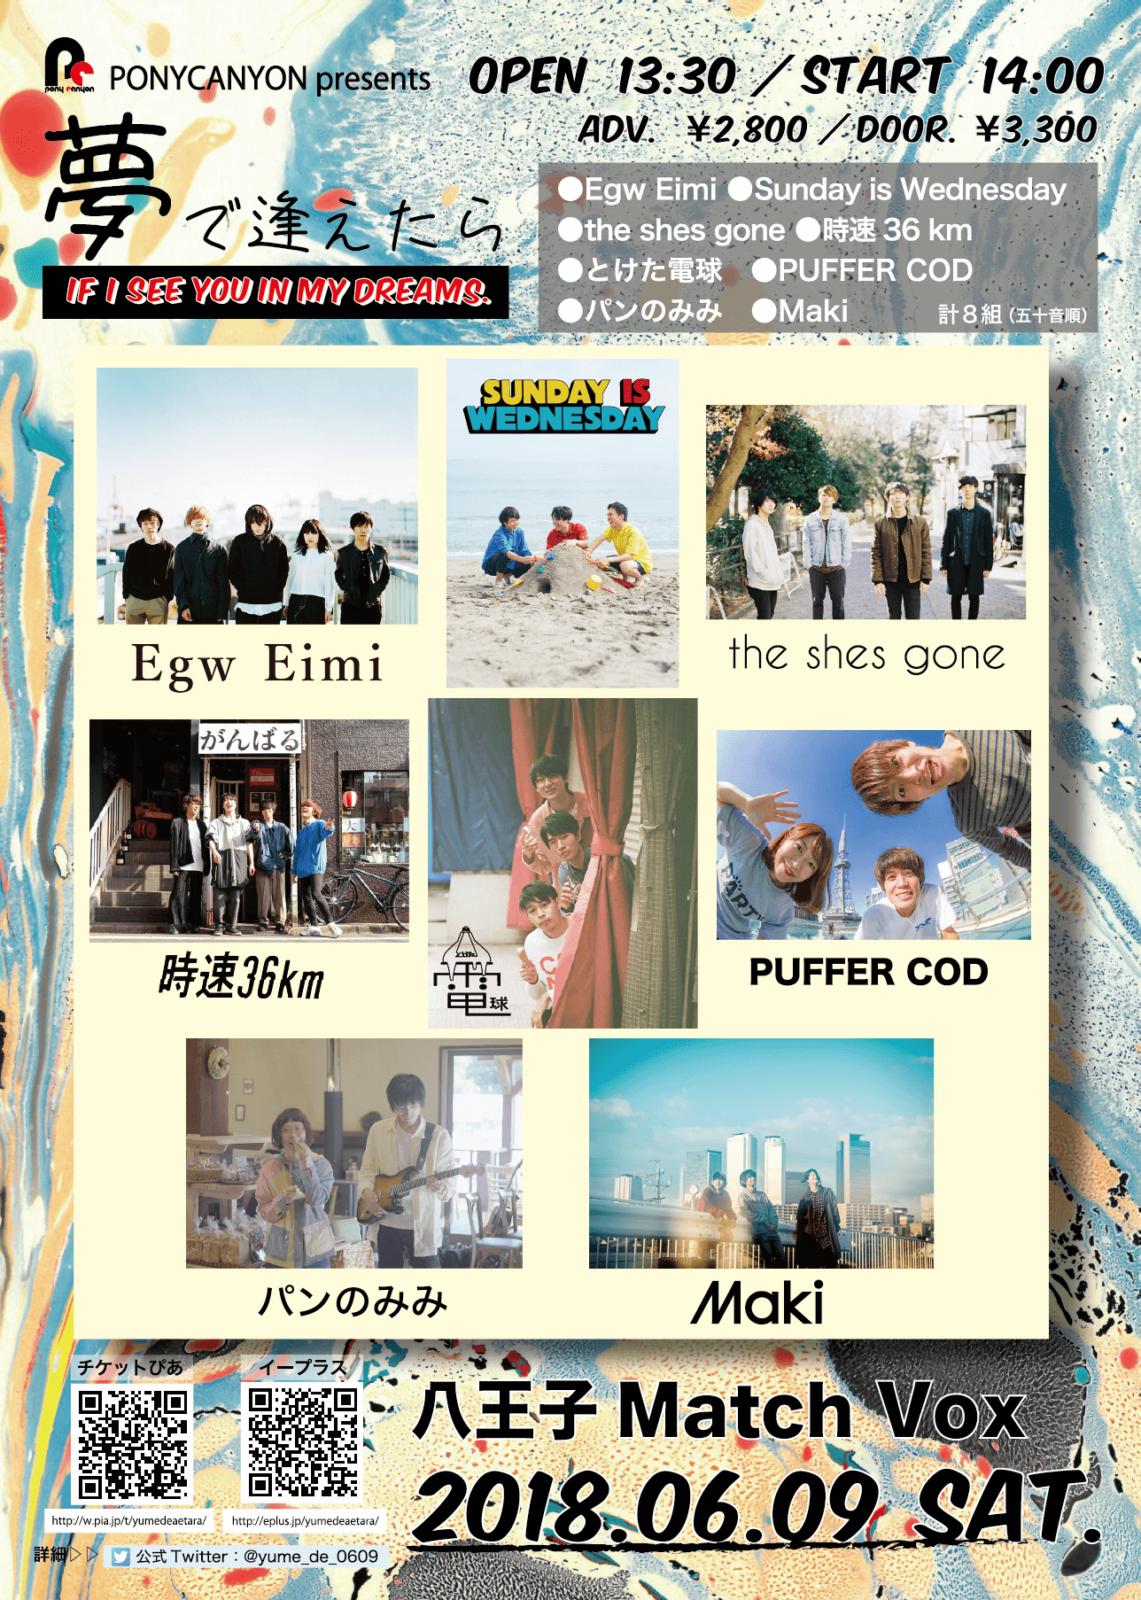 インディーズバンドのフェス形式ライブ「夢で逢えたら」 2018年6月9日「ロックの日」に開催決定!サムネイル画像